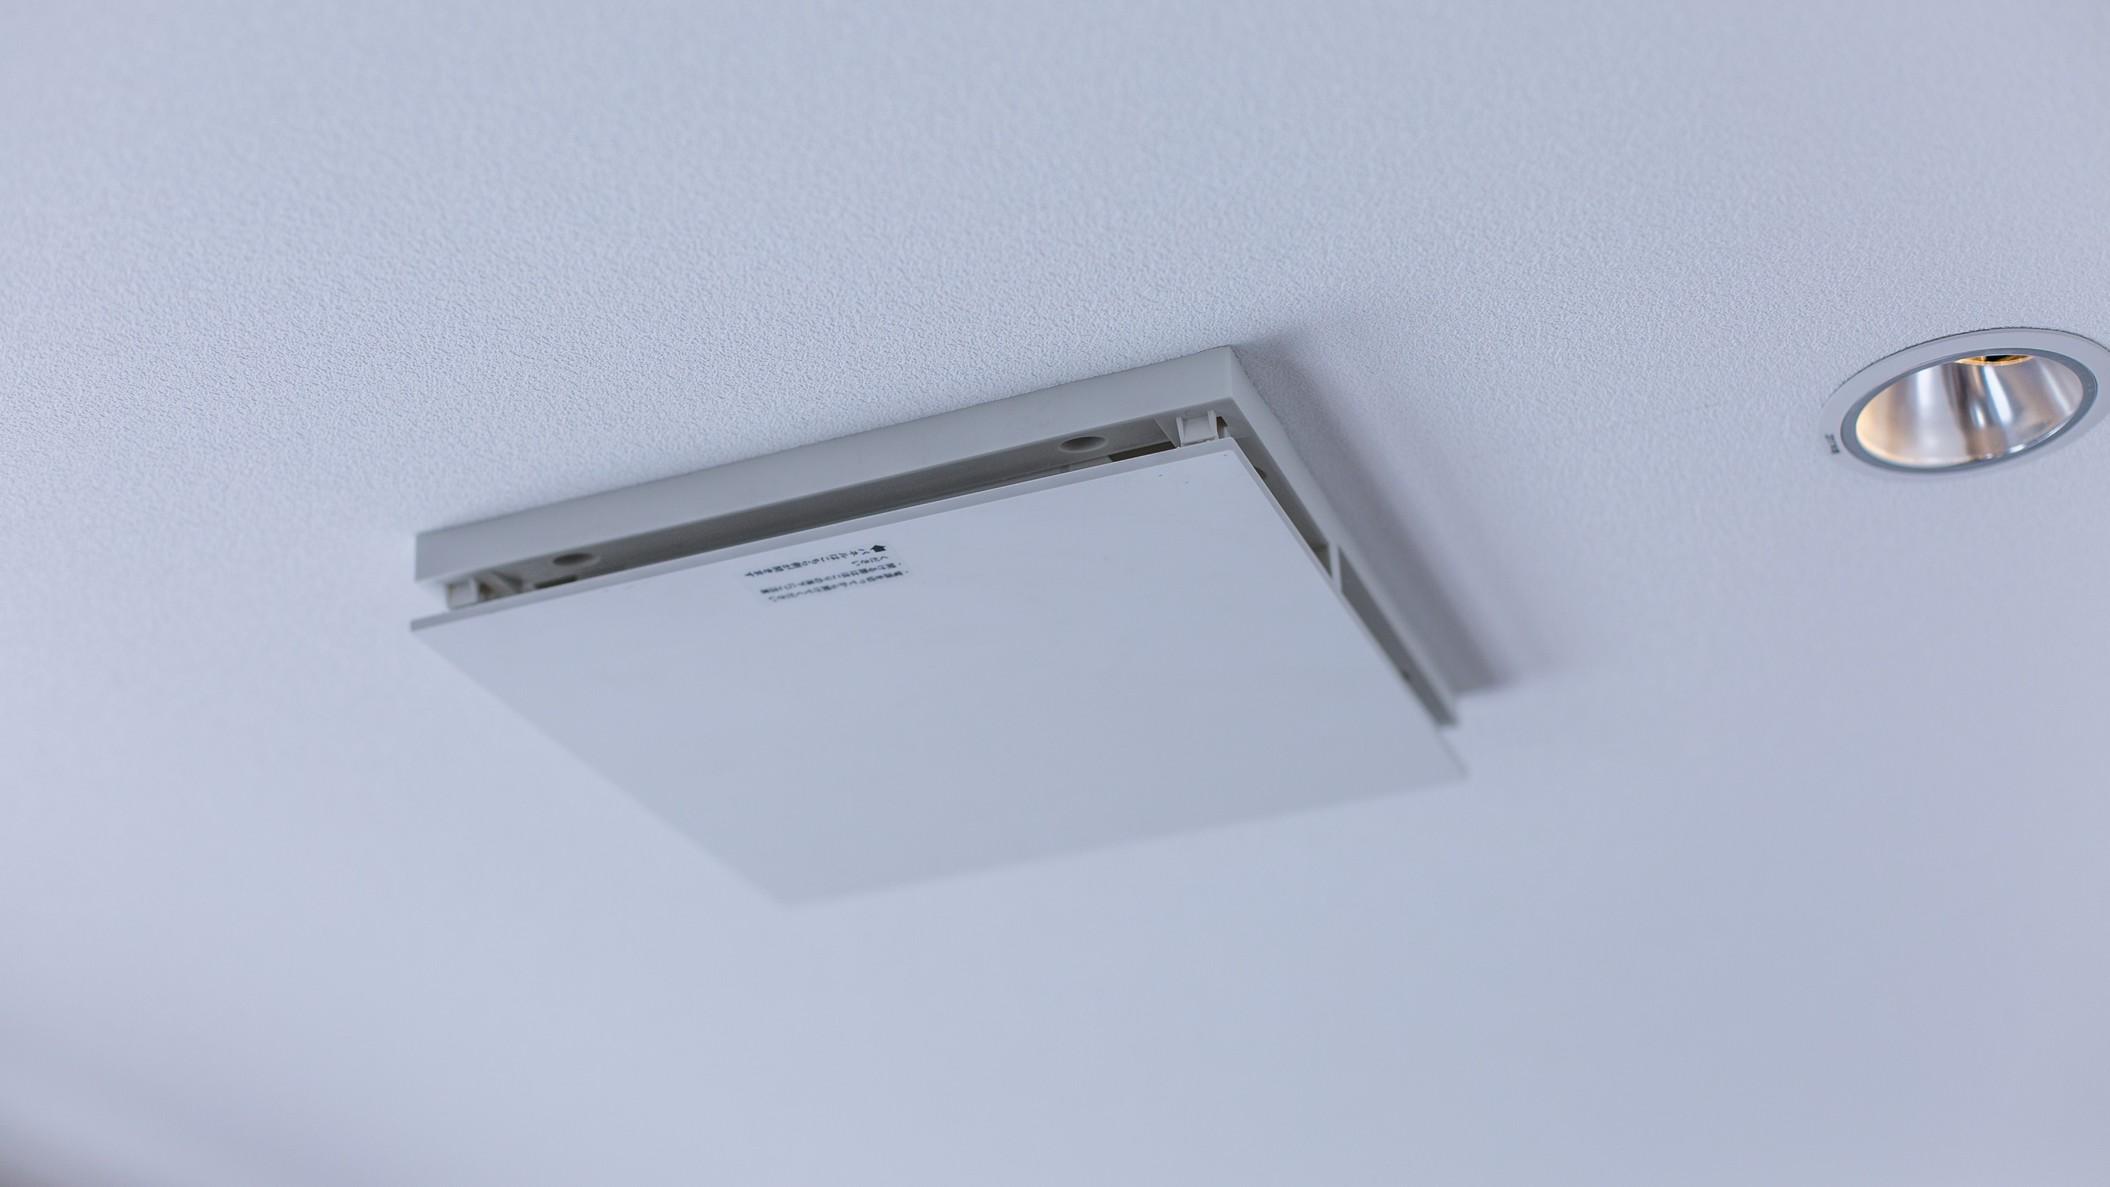 [全室]臭い・菌・花粉などを抑制する、天井埋込型空気循環ファン「ヘルスエアー」